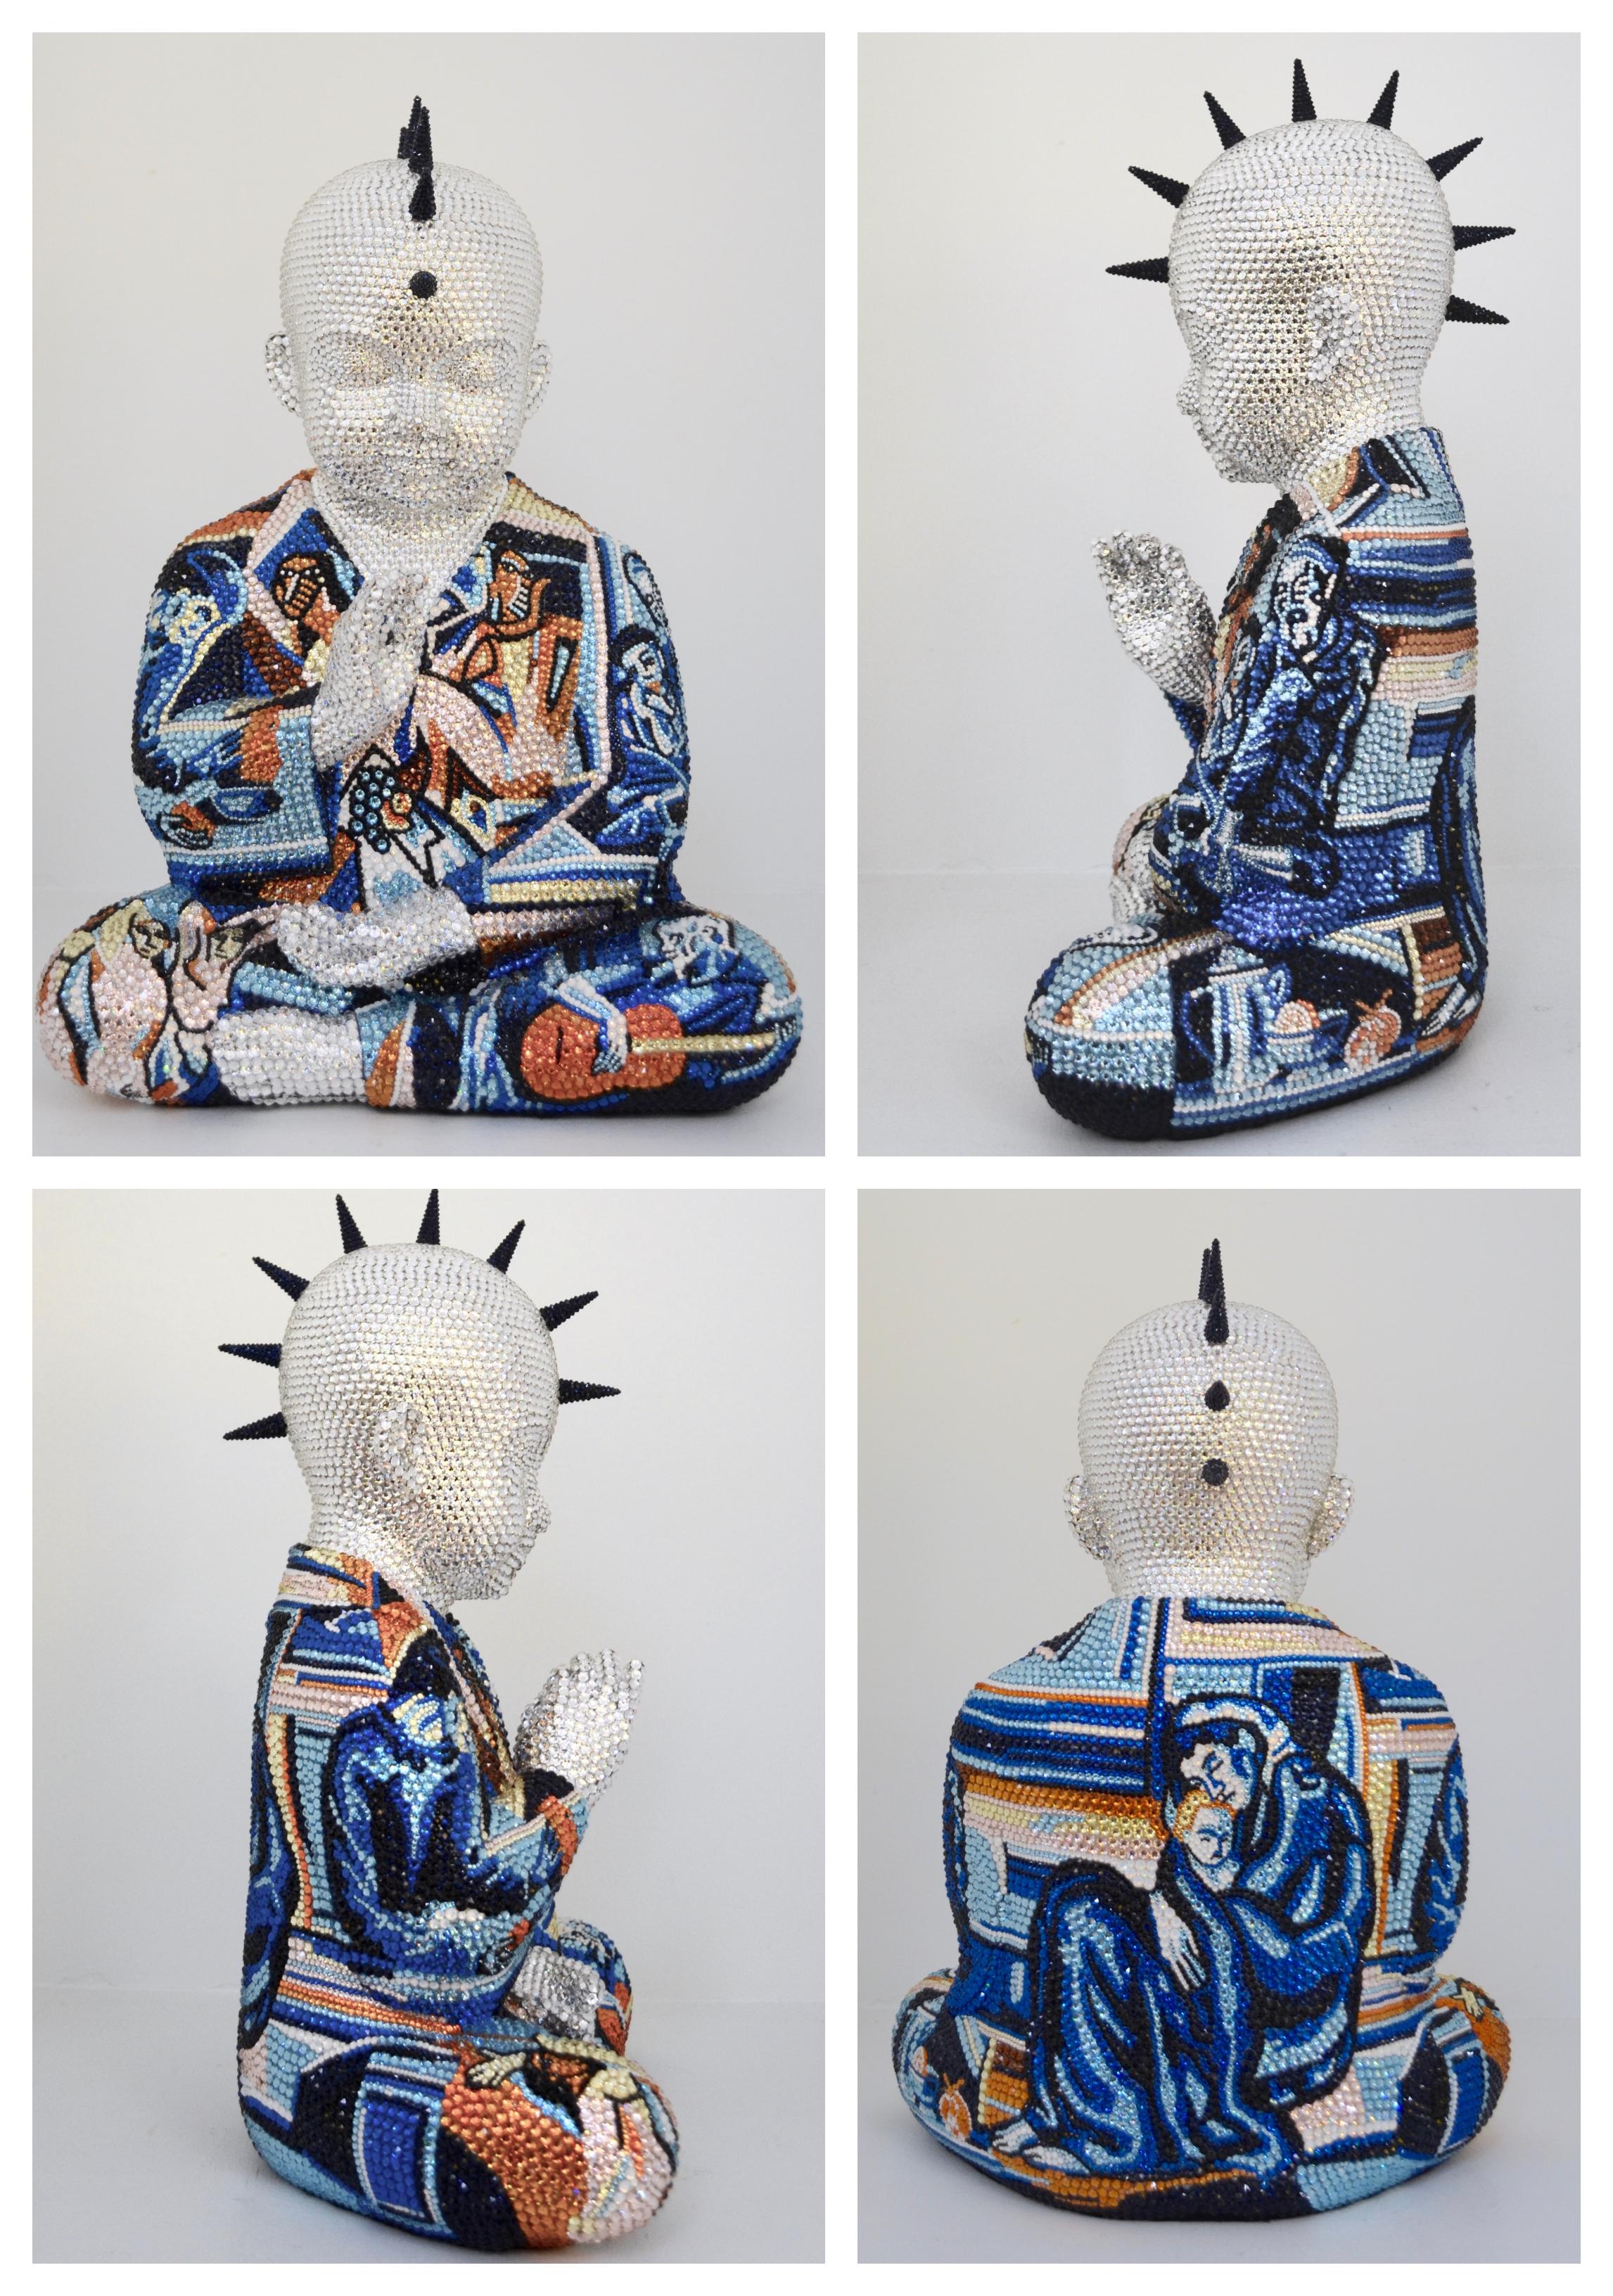 Pablo Picasso Sculpture Metis Atash